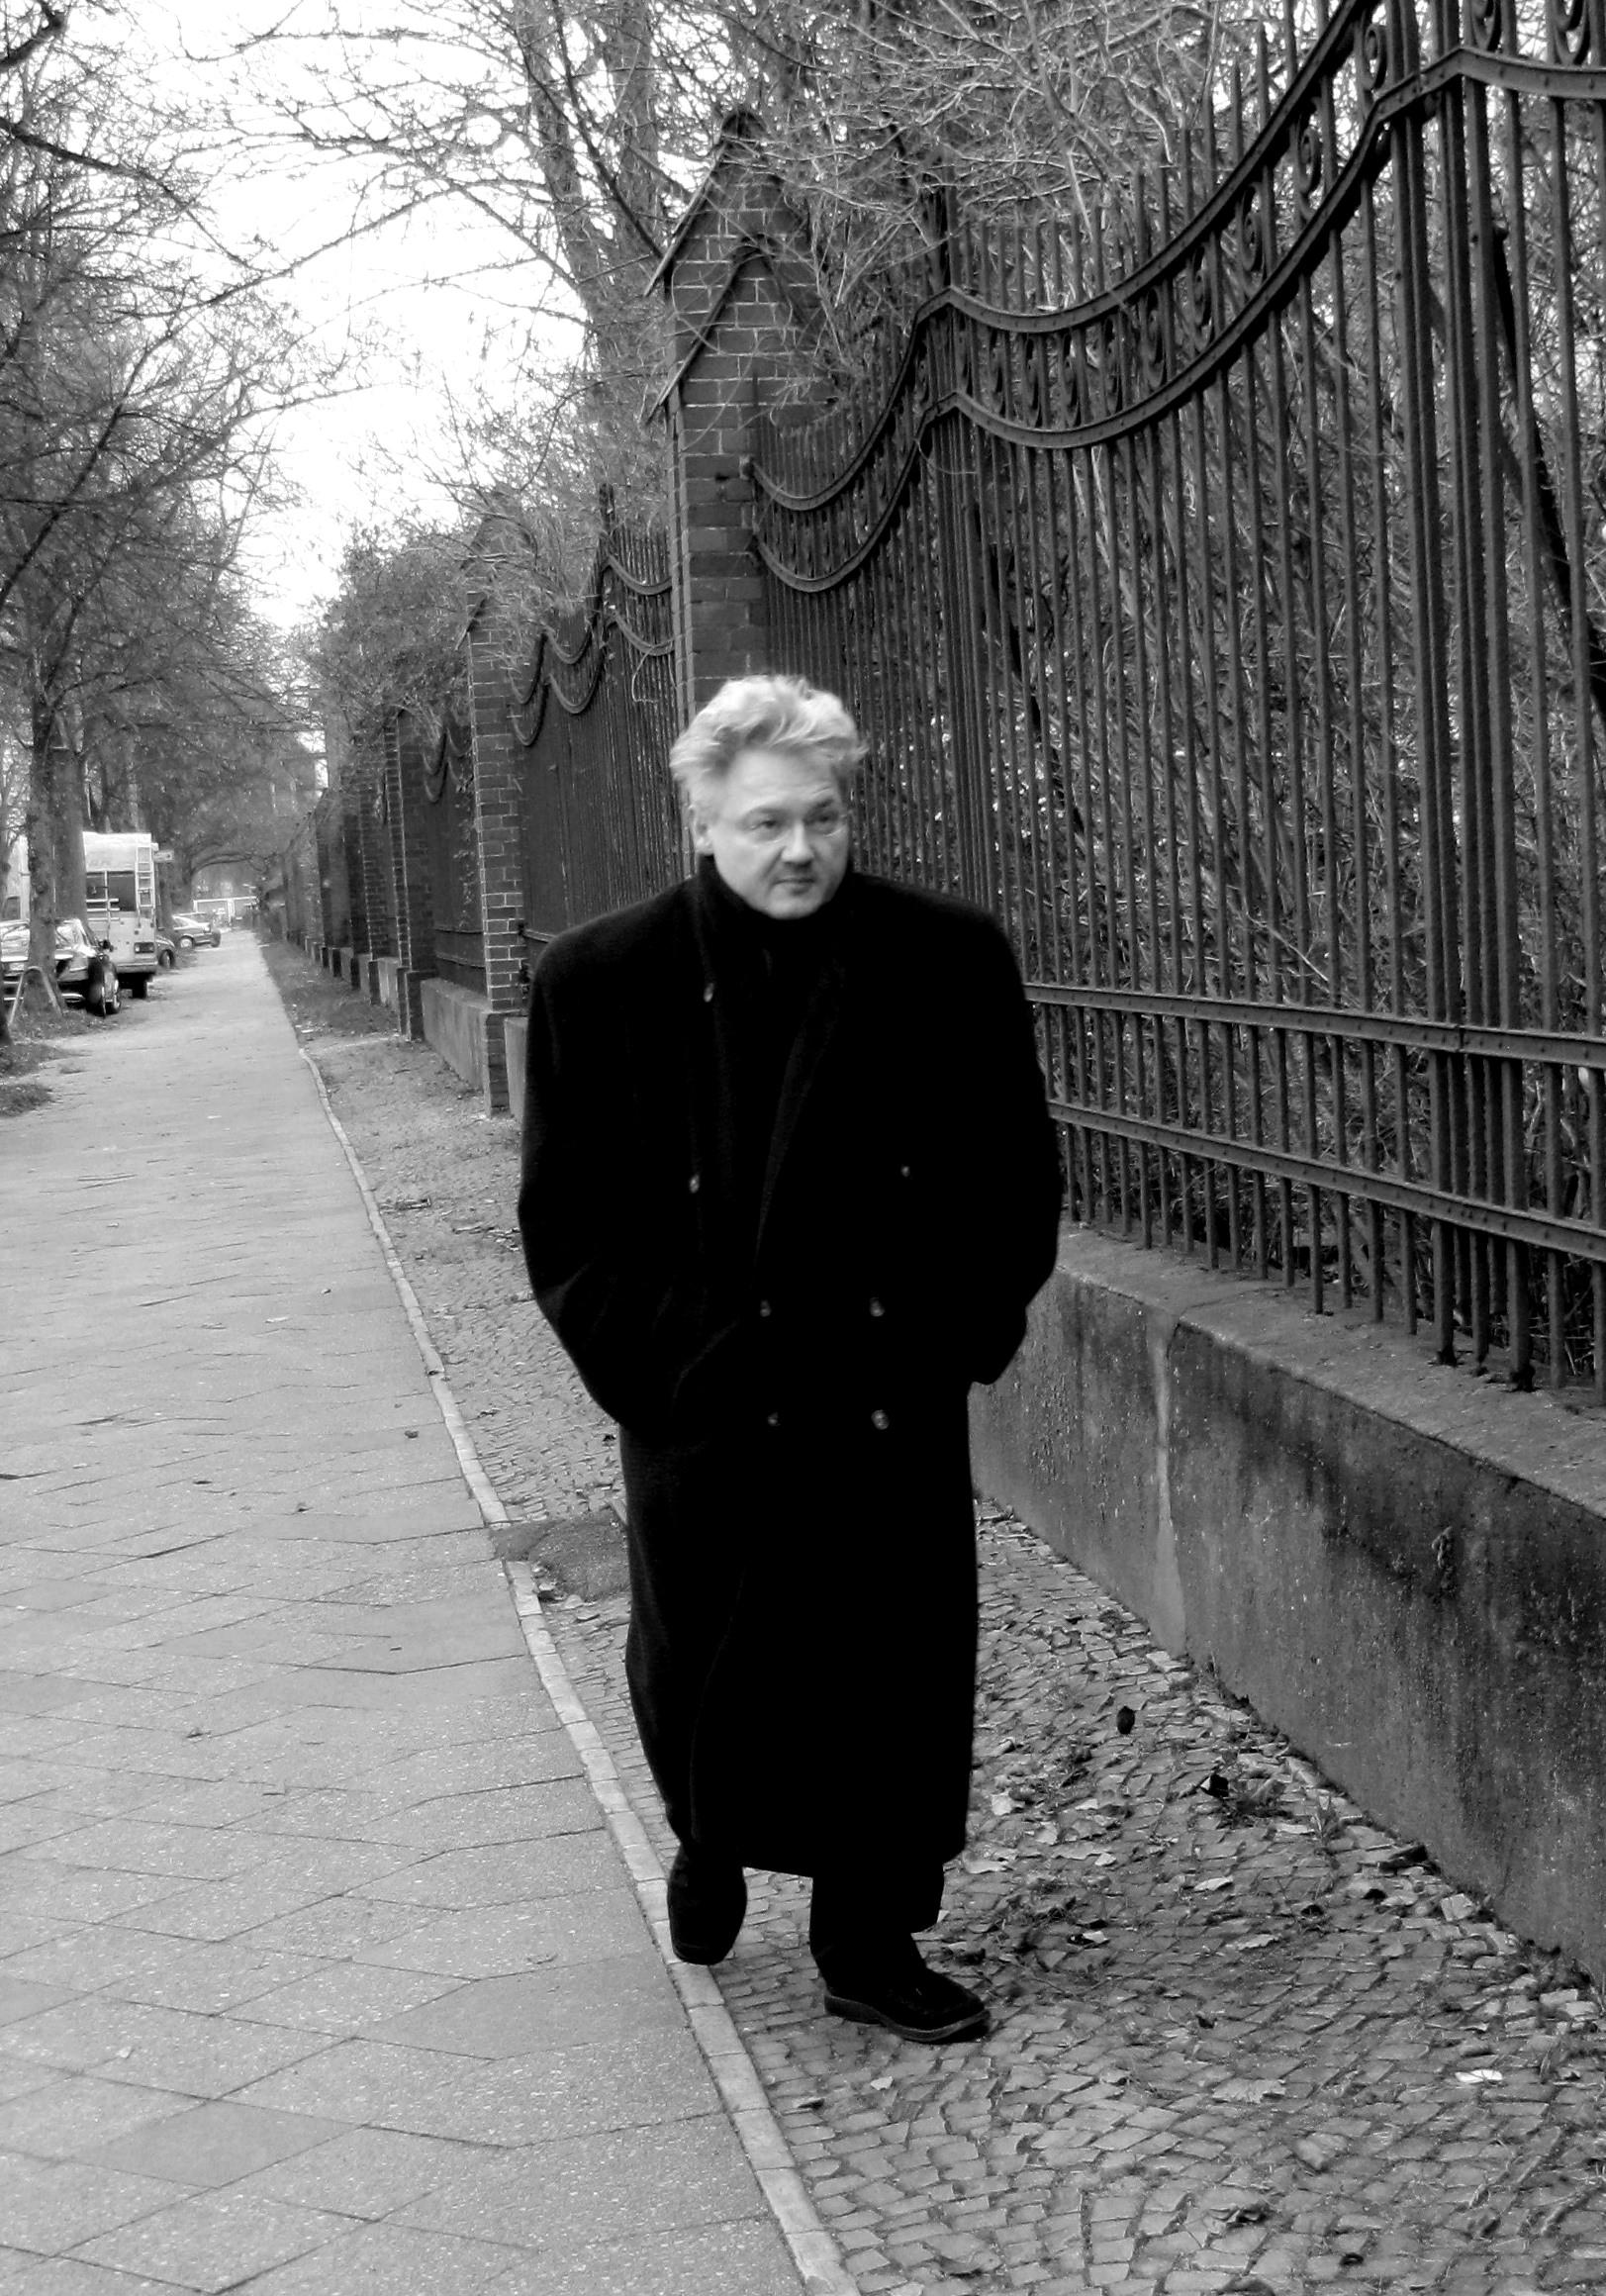 Michael Ulrich, Portrait